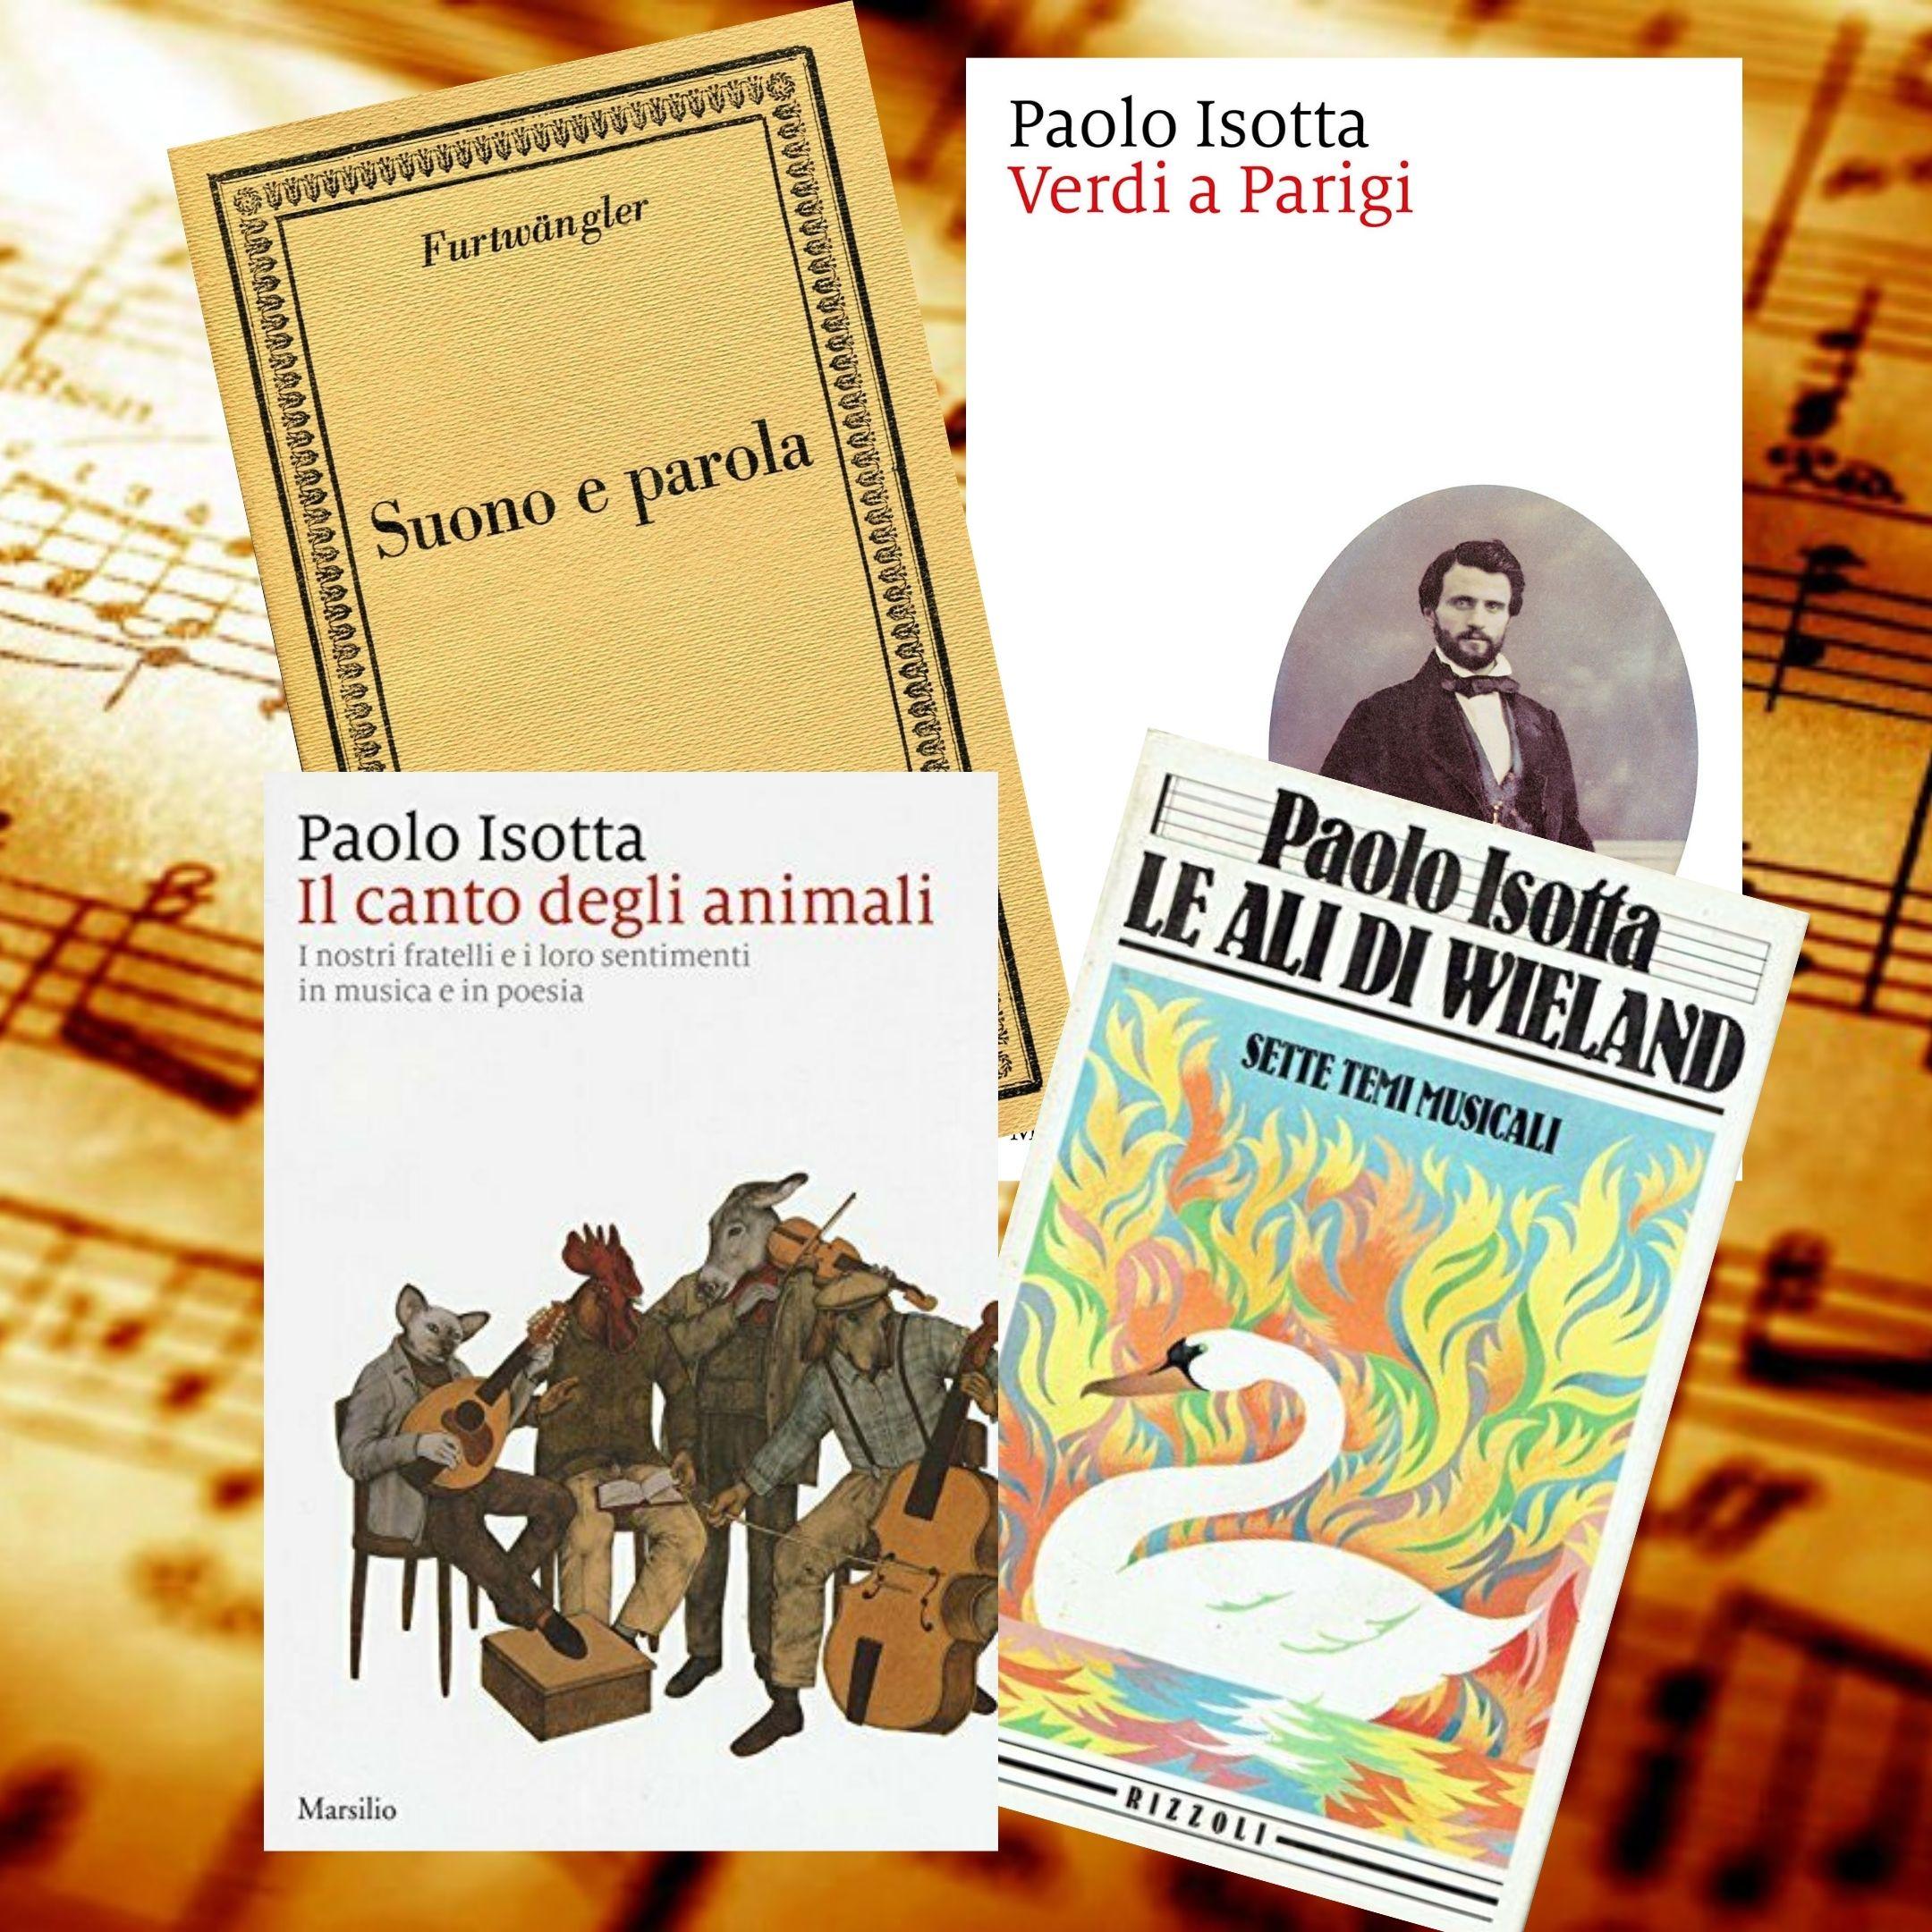 È scomparso il critico musicale Paolo Isotta: celebre il suo sodalizio con l'editore Fogola